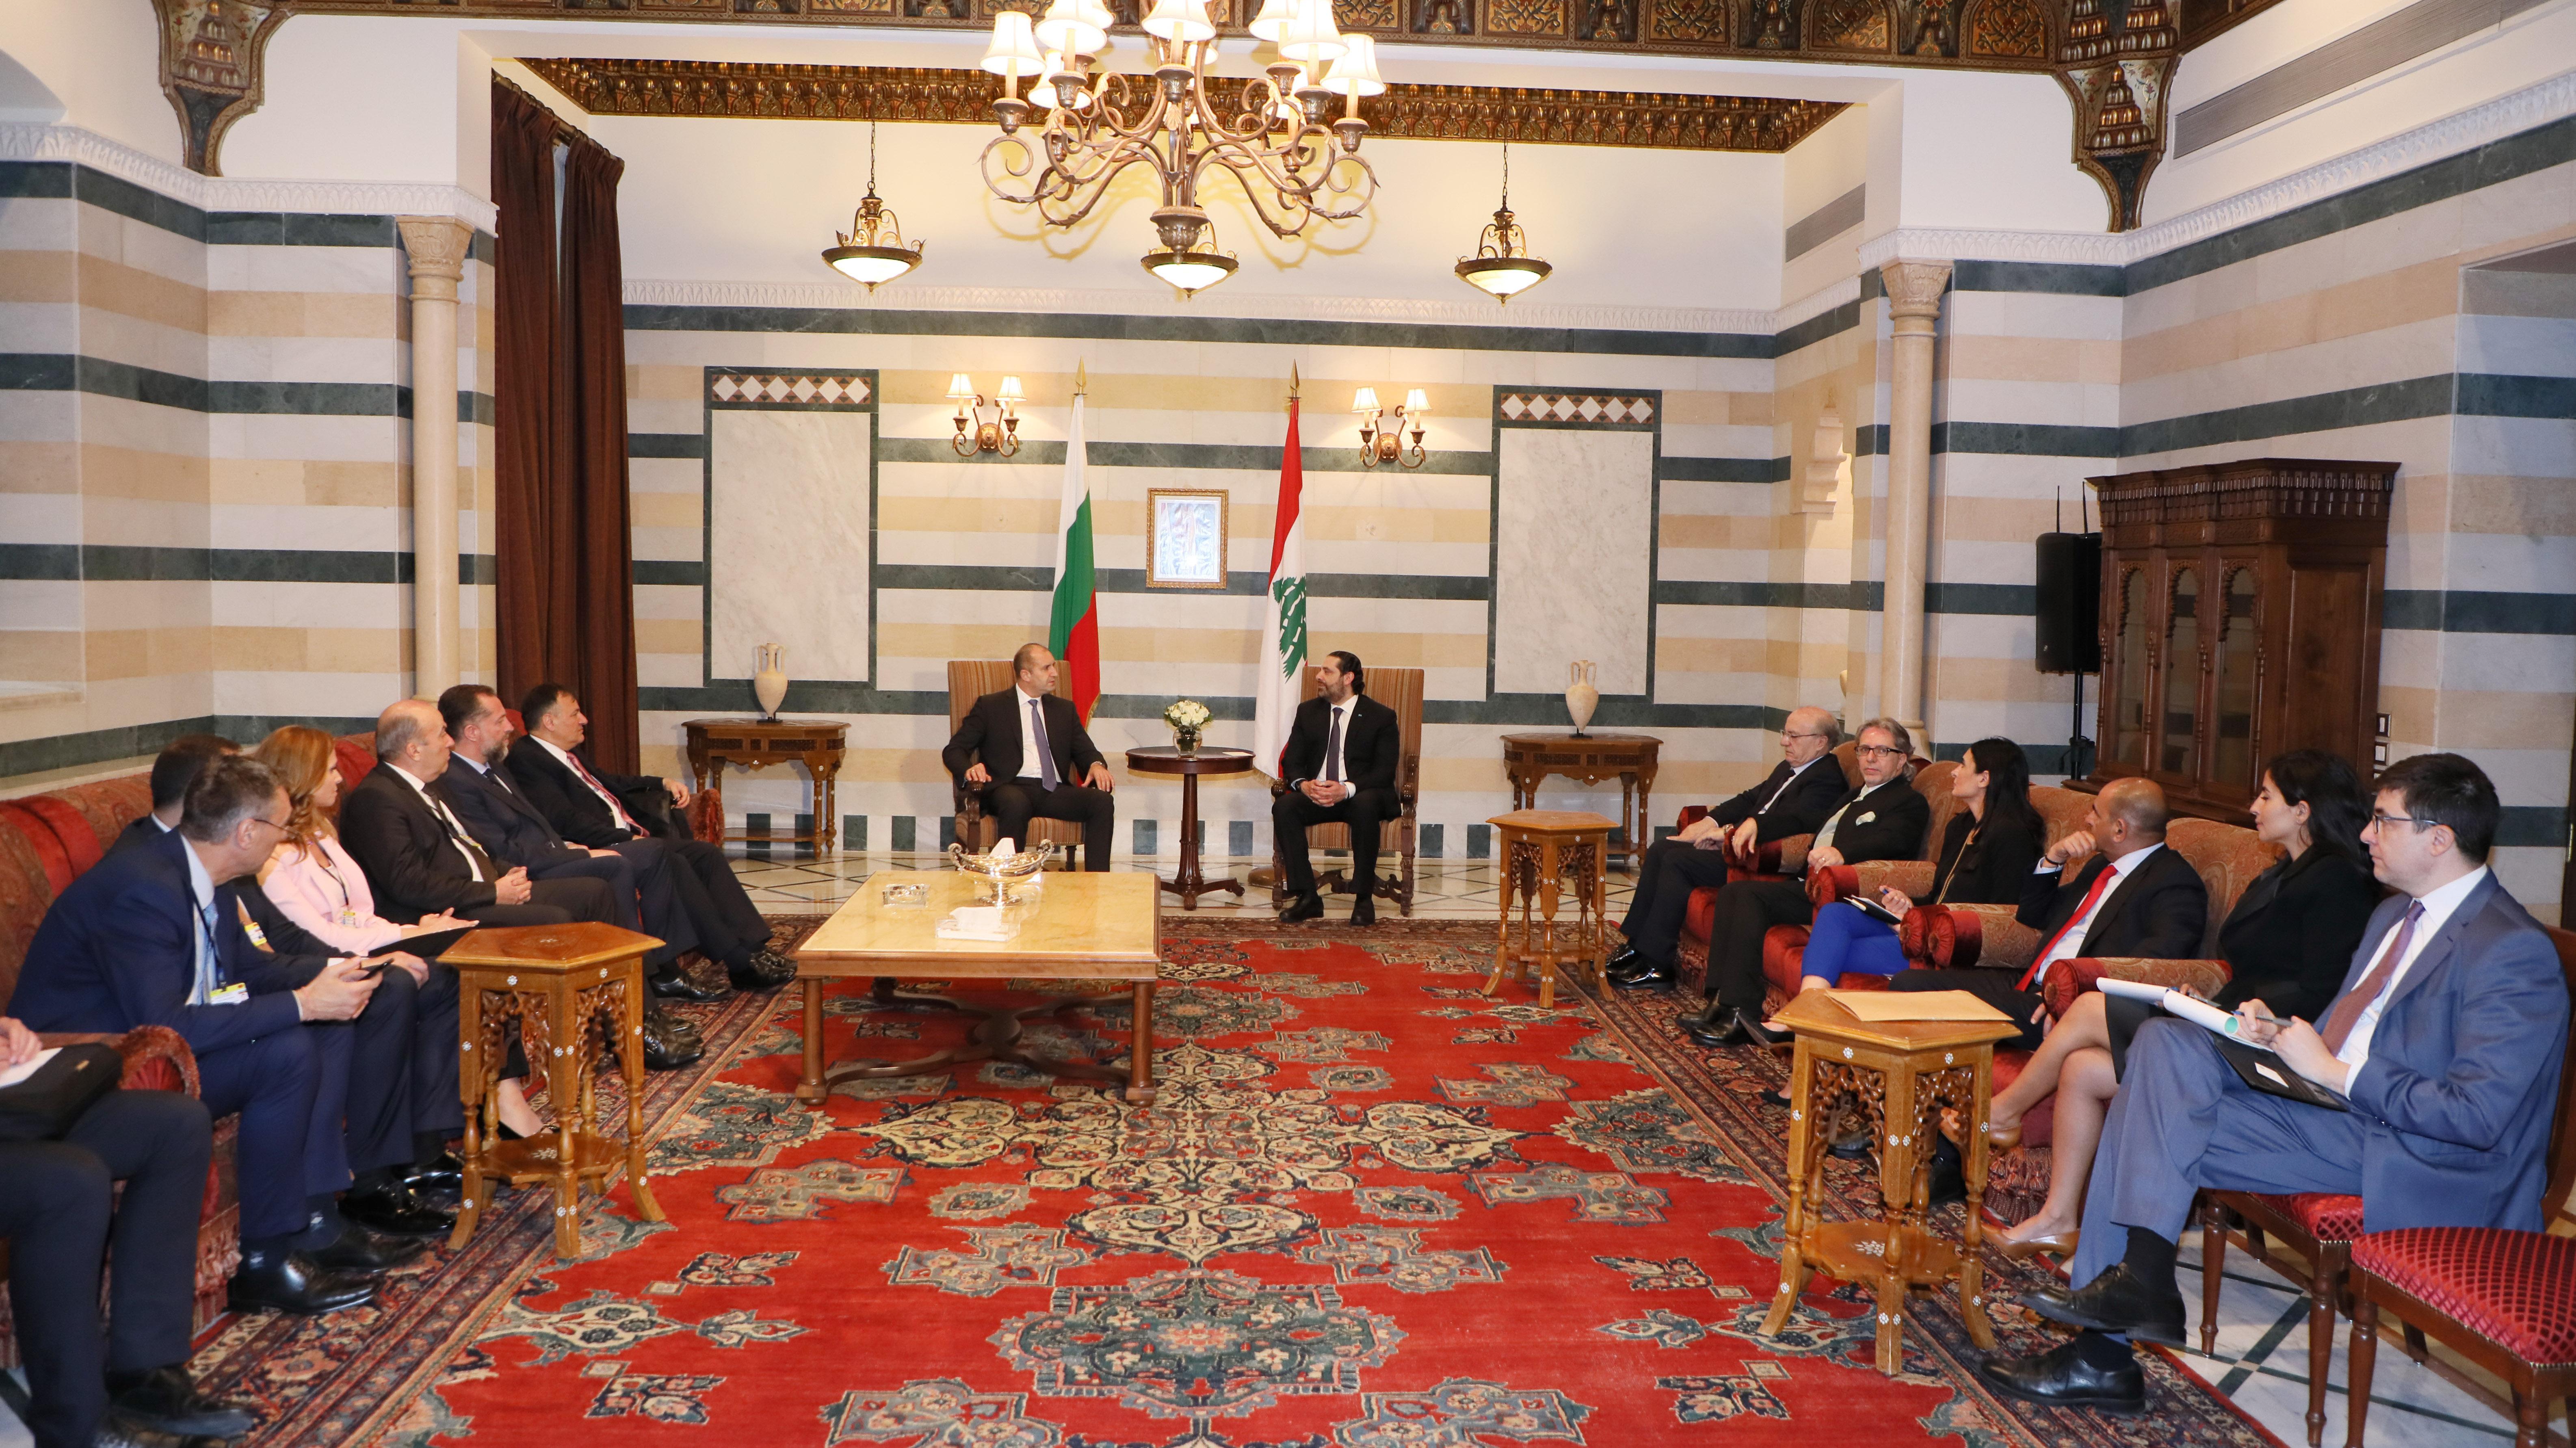 Pr Minister Saad Hariri meets Bulgarian President 2